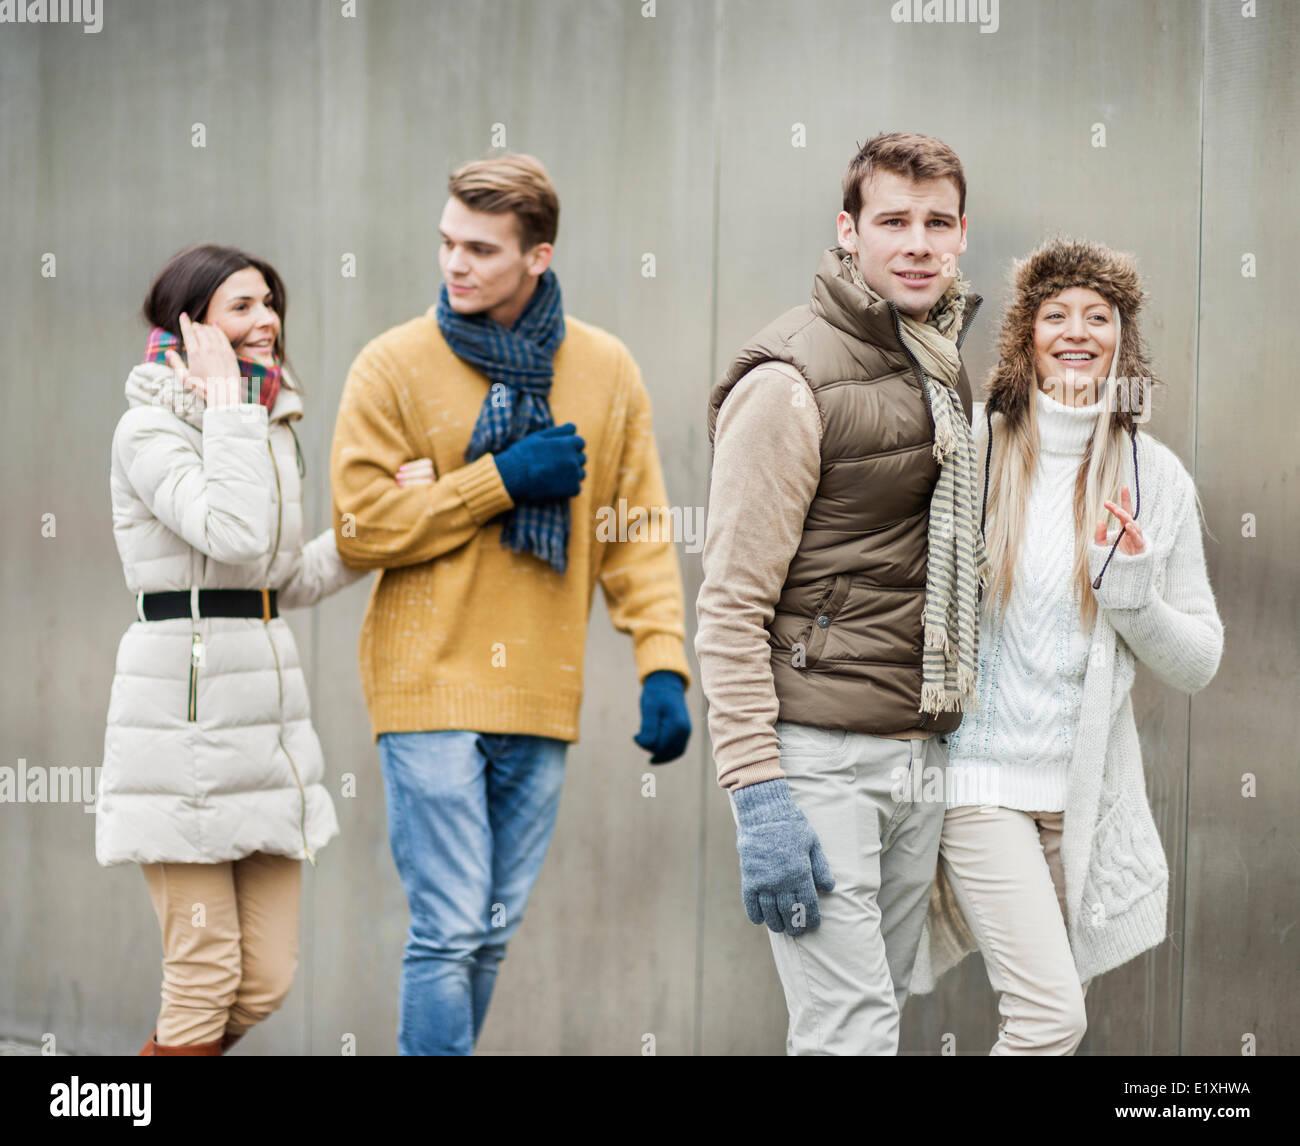 Lächelnde junge Paare zu Fuß gegen die Wand Stockbild